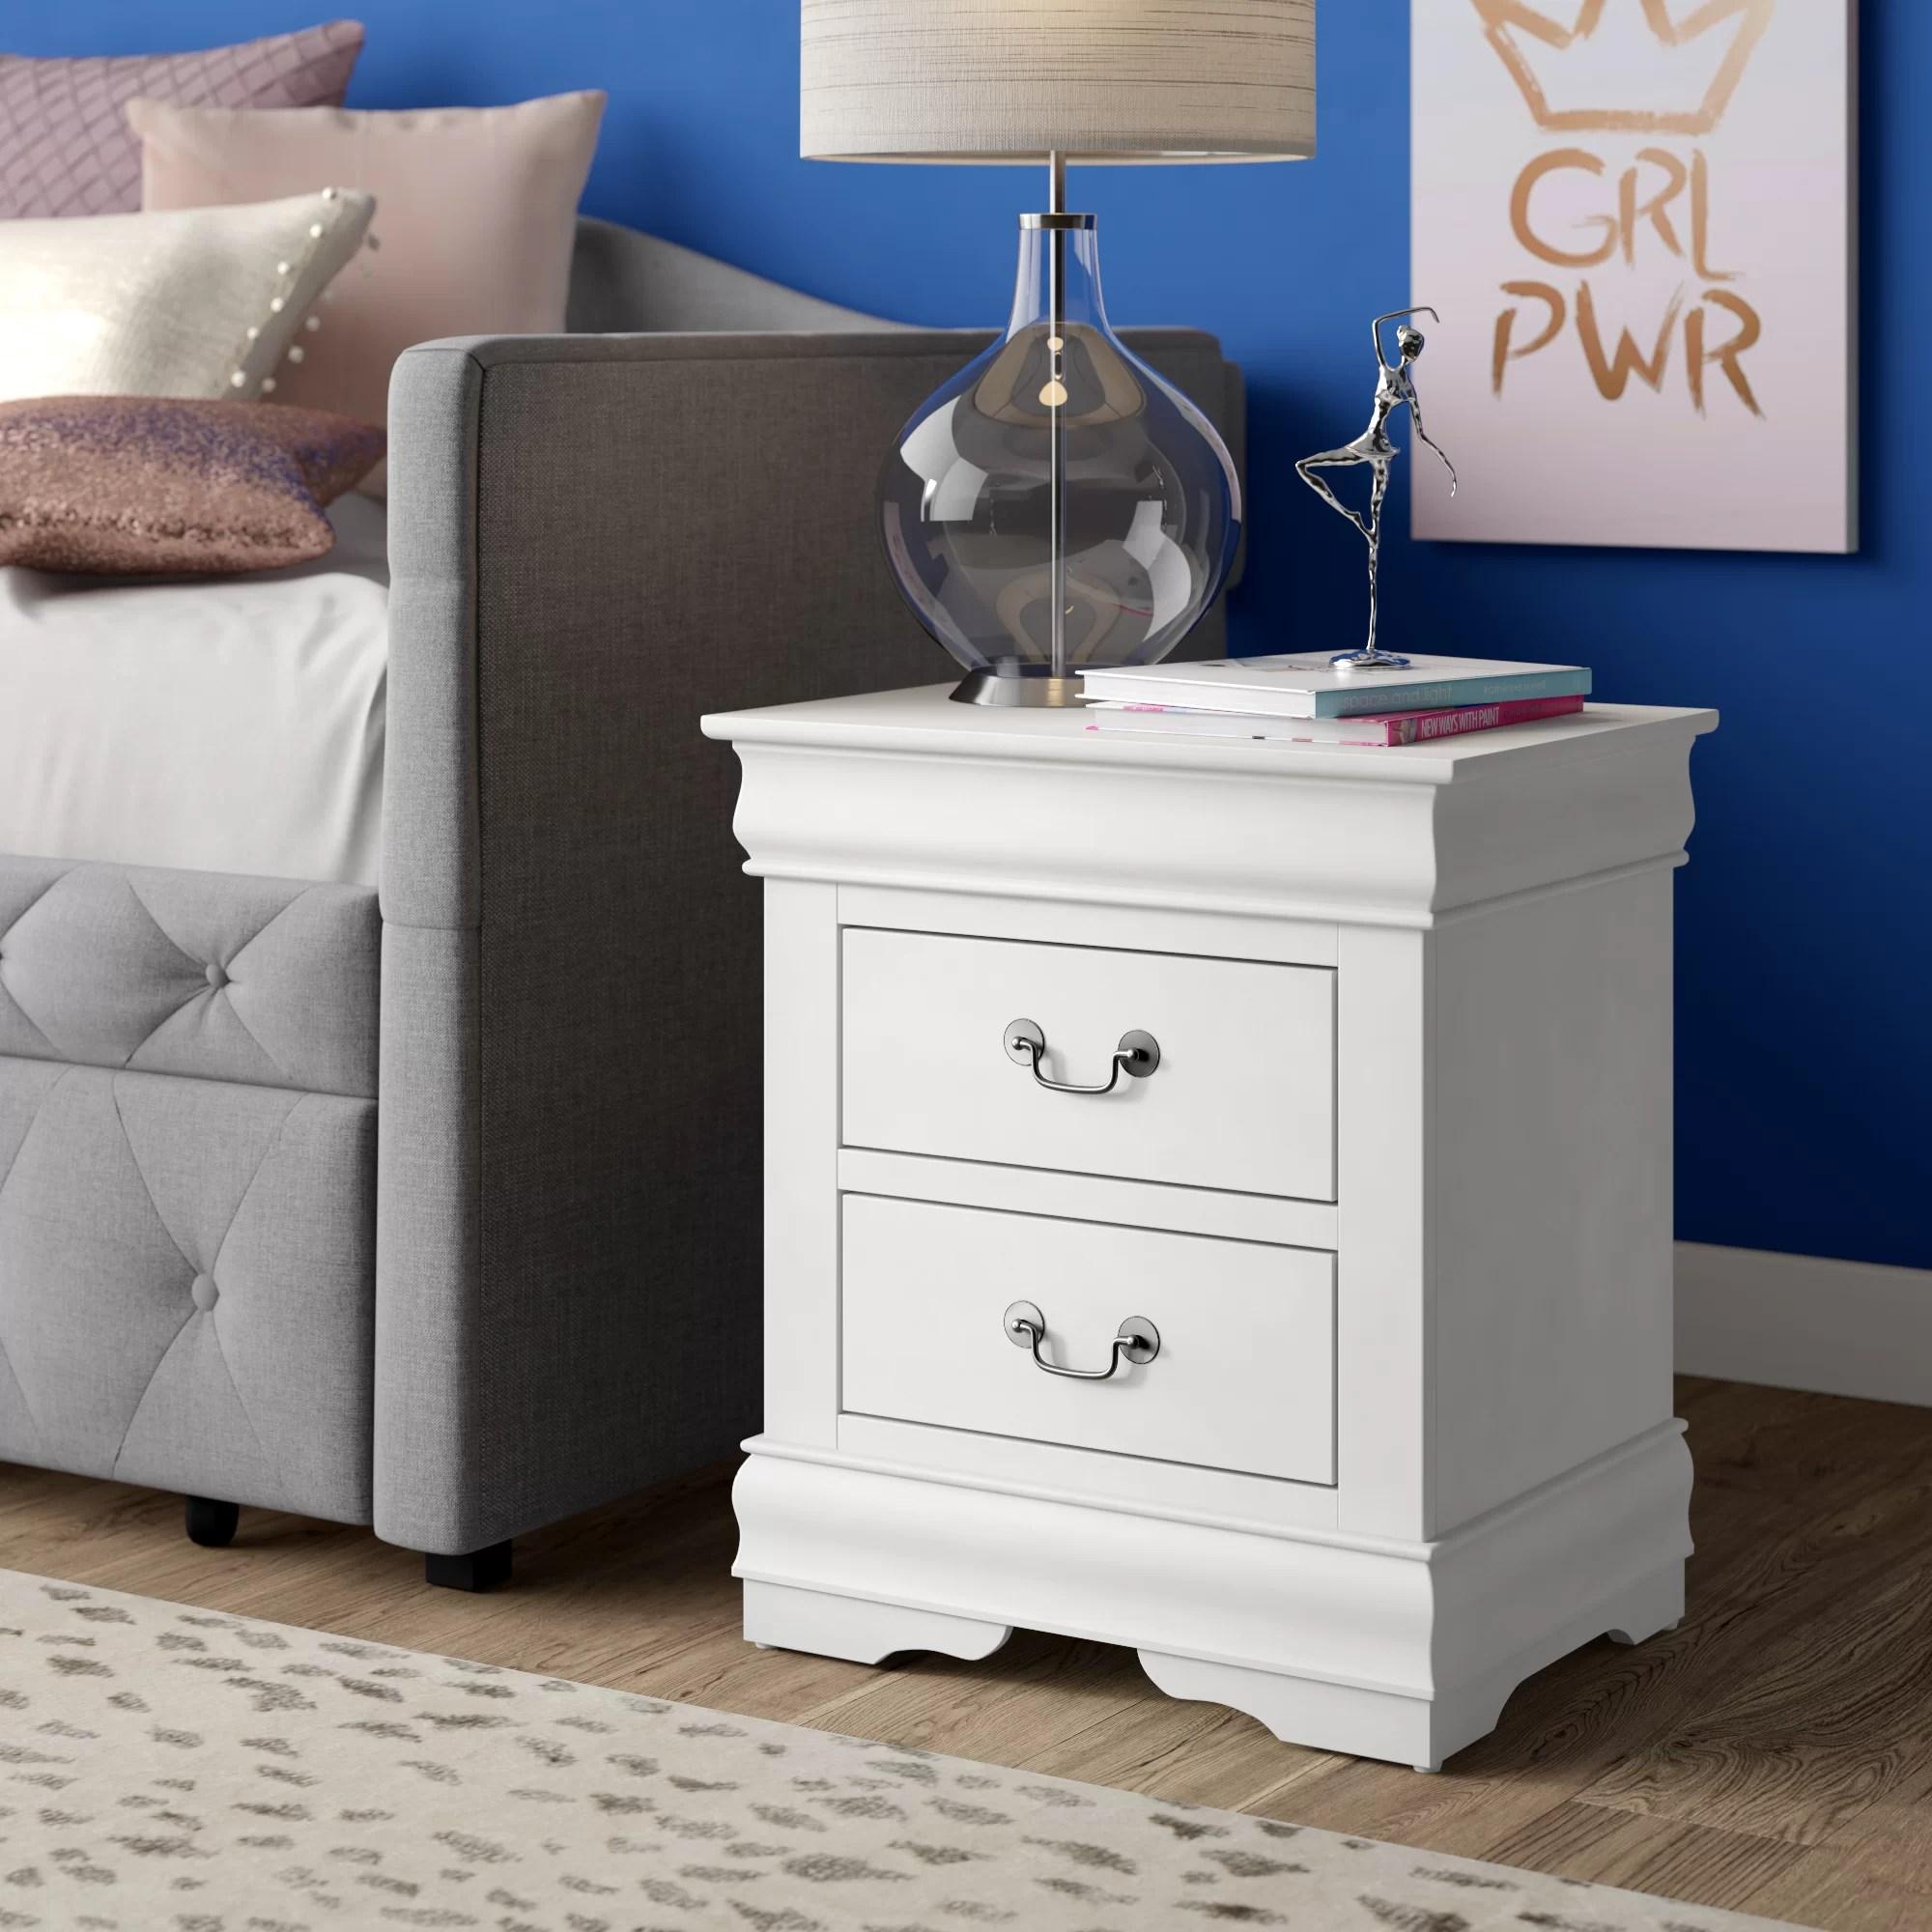 teen nightstands you ll love in 2021